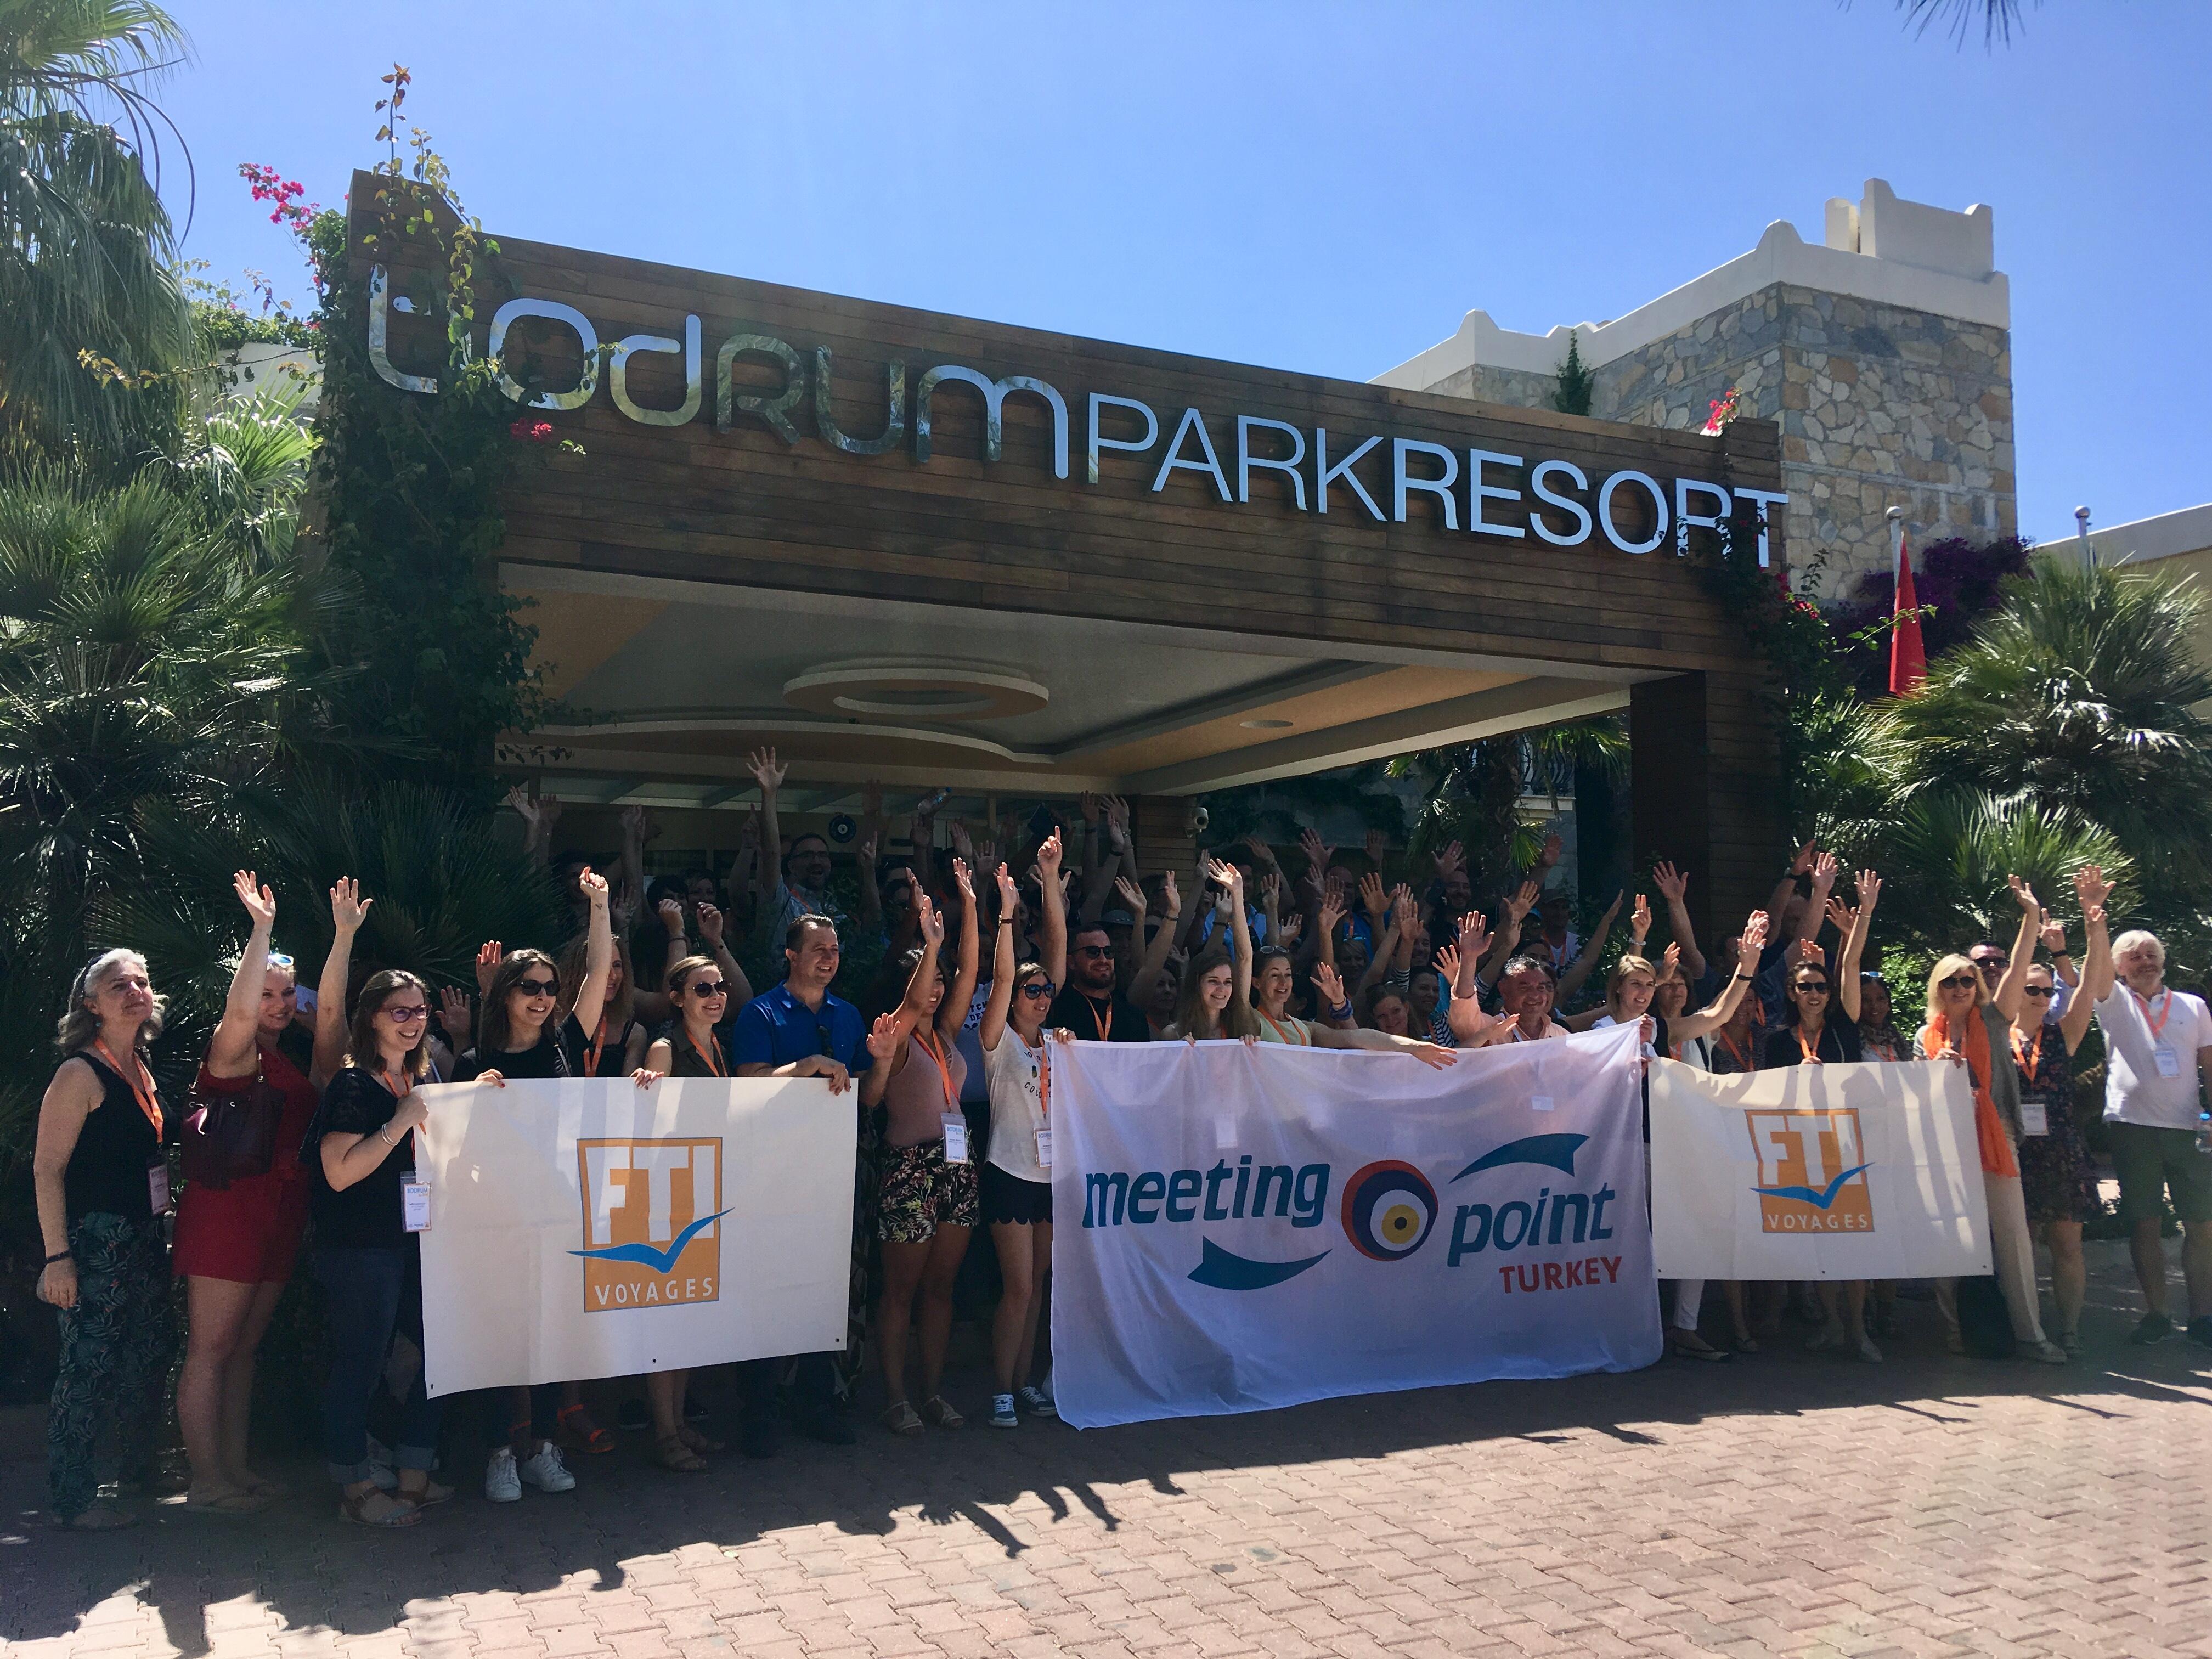 Les 70 agents de voyages présents à l'éductour en Turquie ont visité l'hôtel Bodrum Park Resort, futur club FTI. - CL